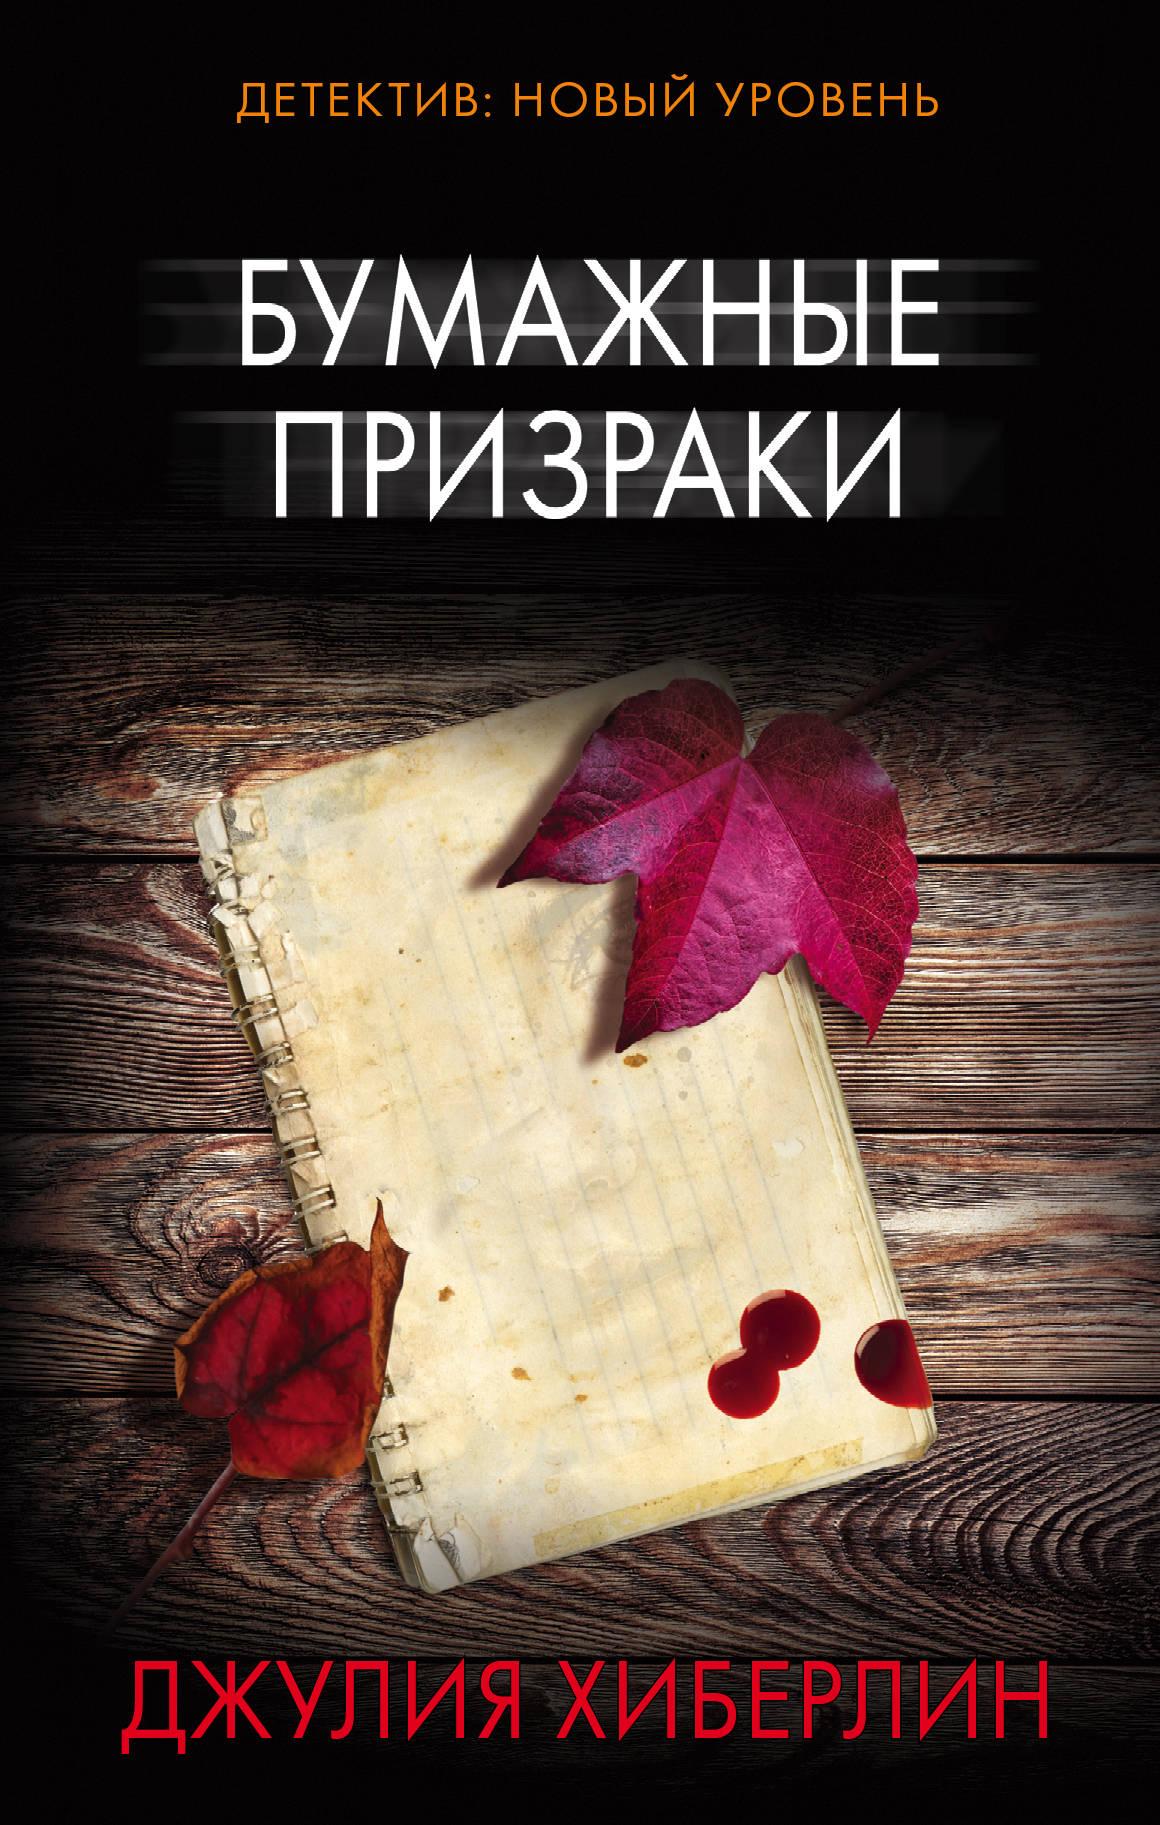 «Бумажные призраки» Джулия Хиберлин